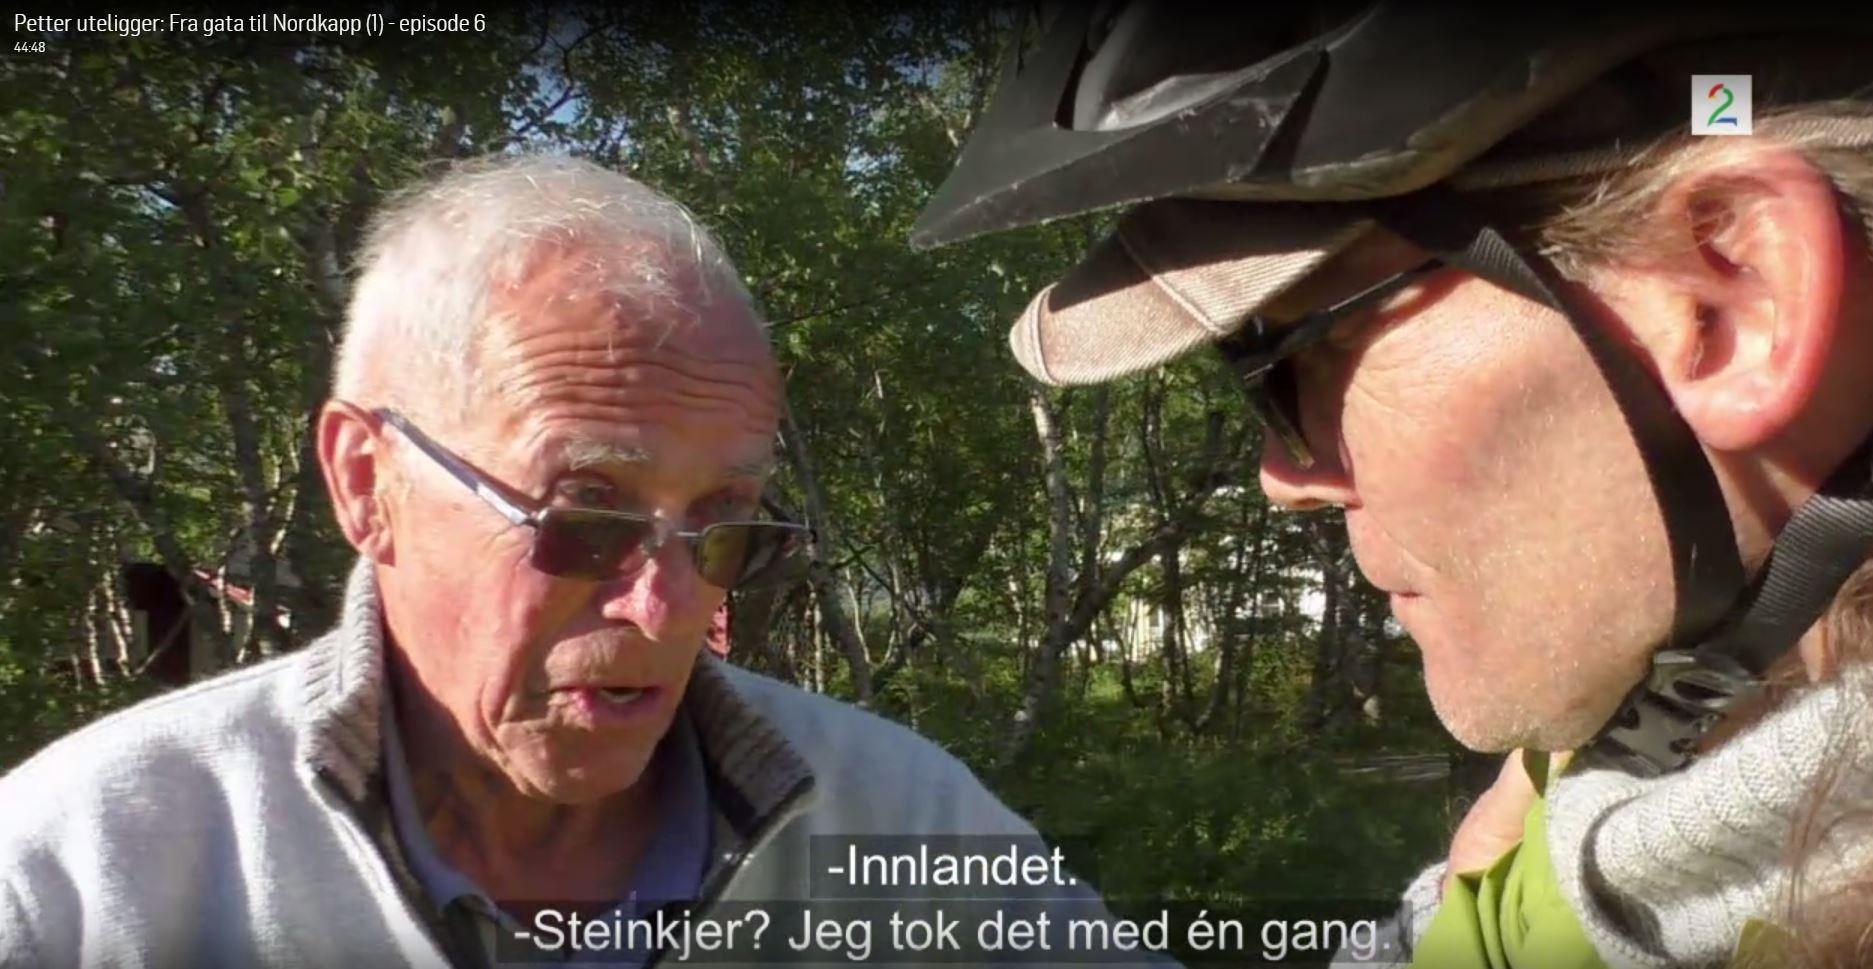 Petter Uteligger TV2_Thoralf